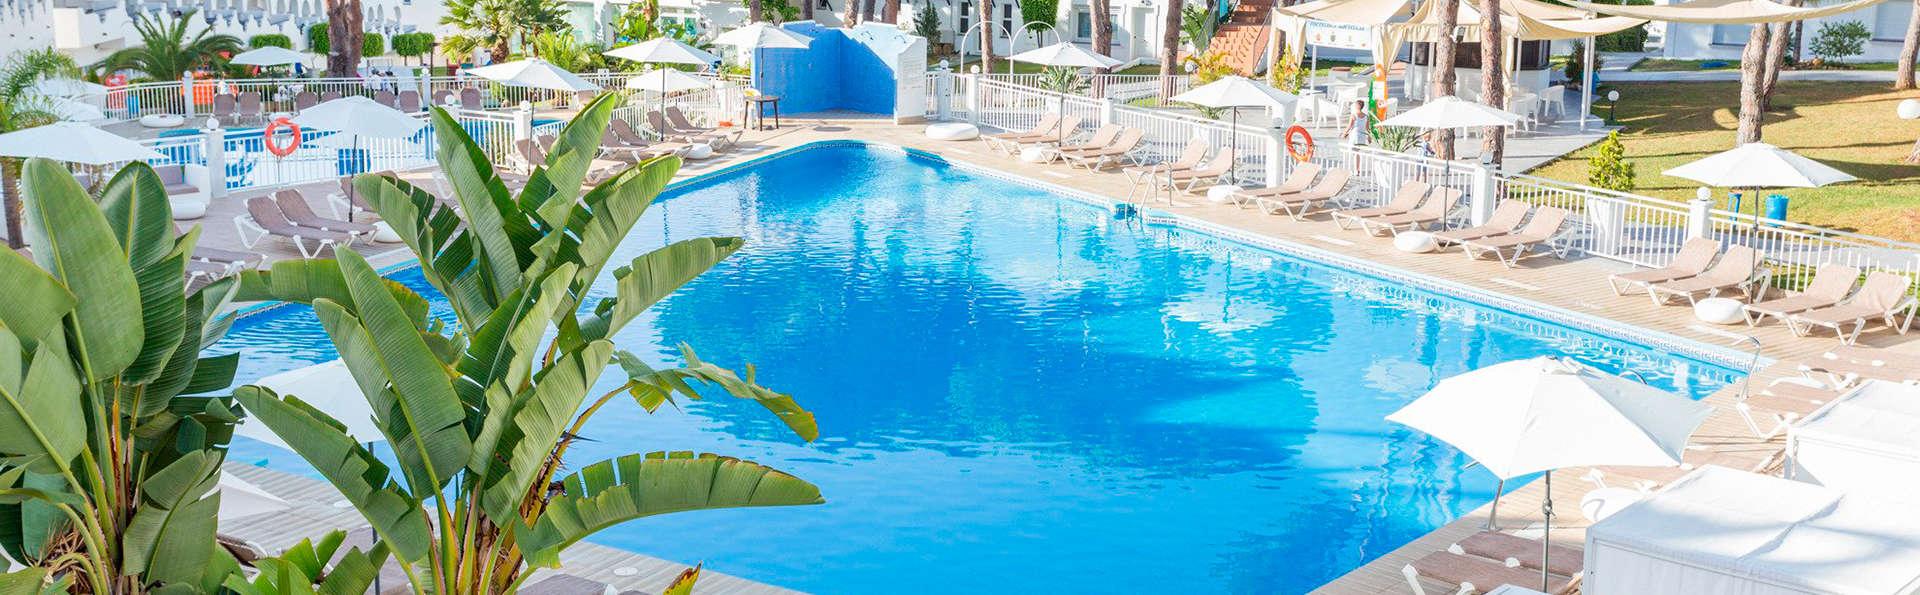 Soleil, tranquillité et demi-pension à Marbella (à partir de 3 nuits)